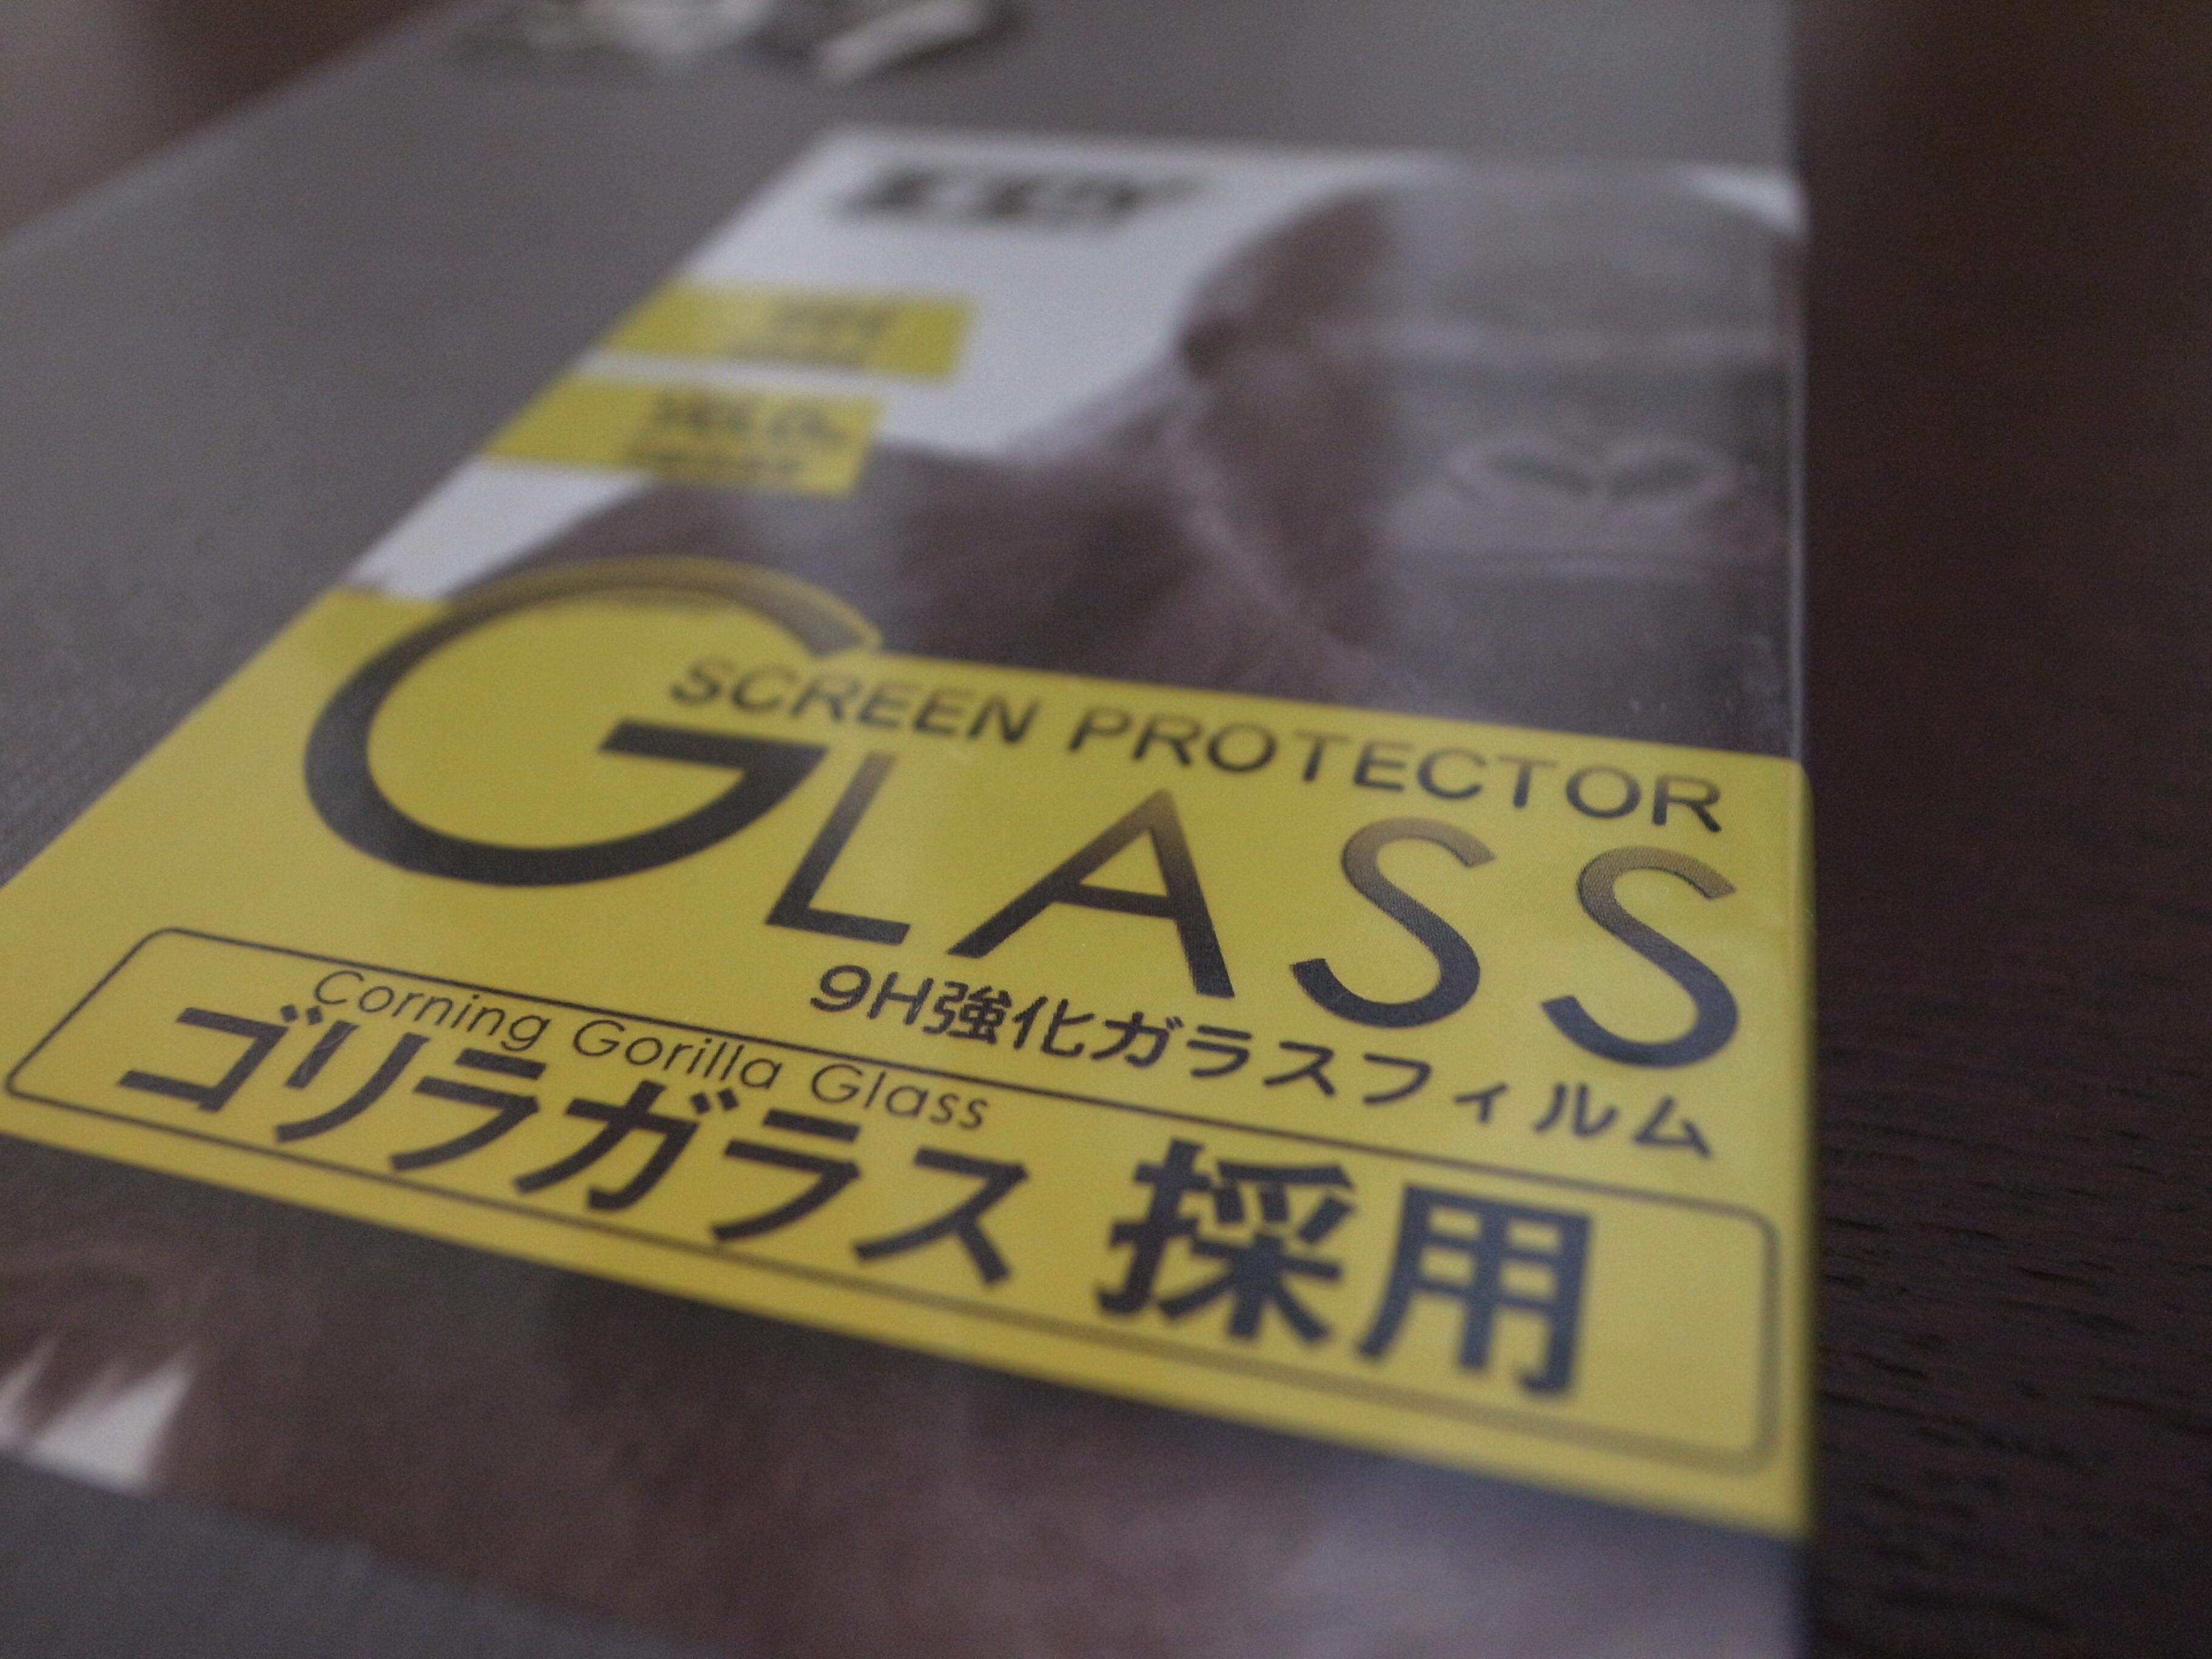 簡単装着!ガラス保護フィルム装着完了報告